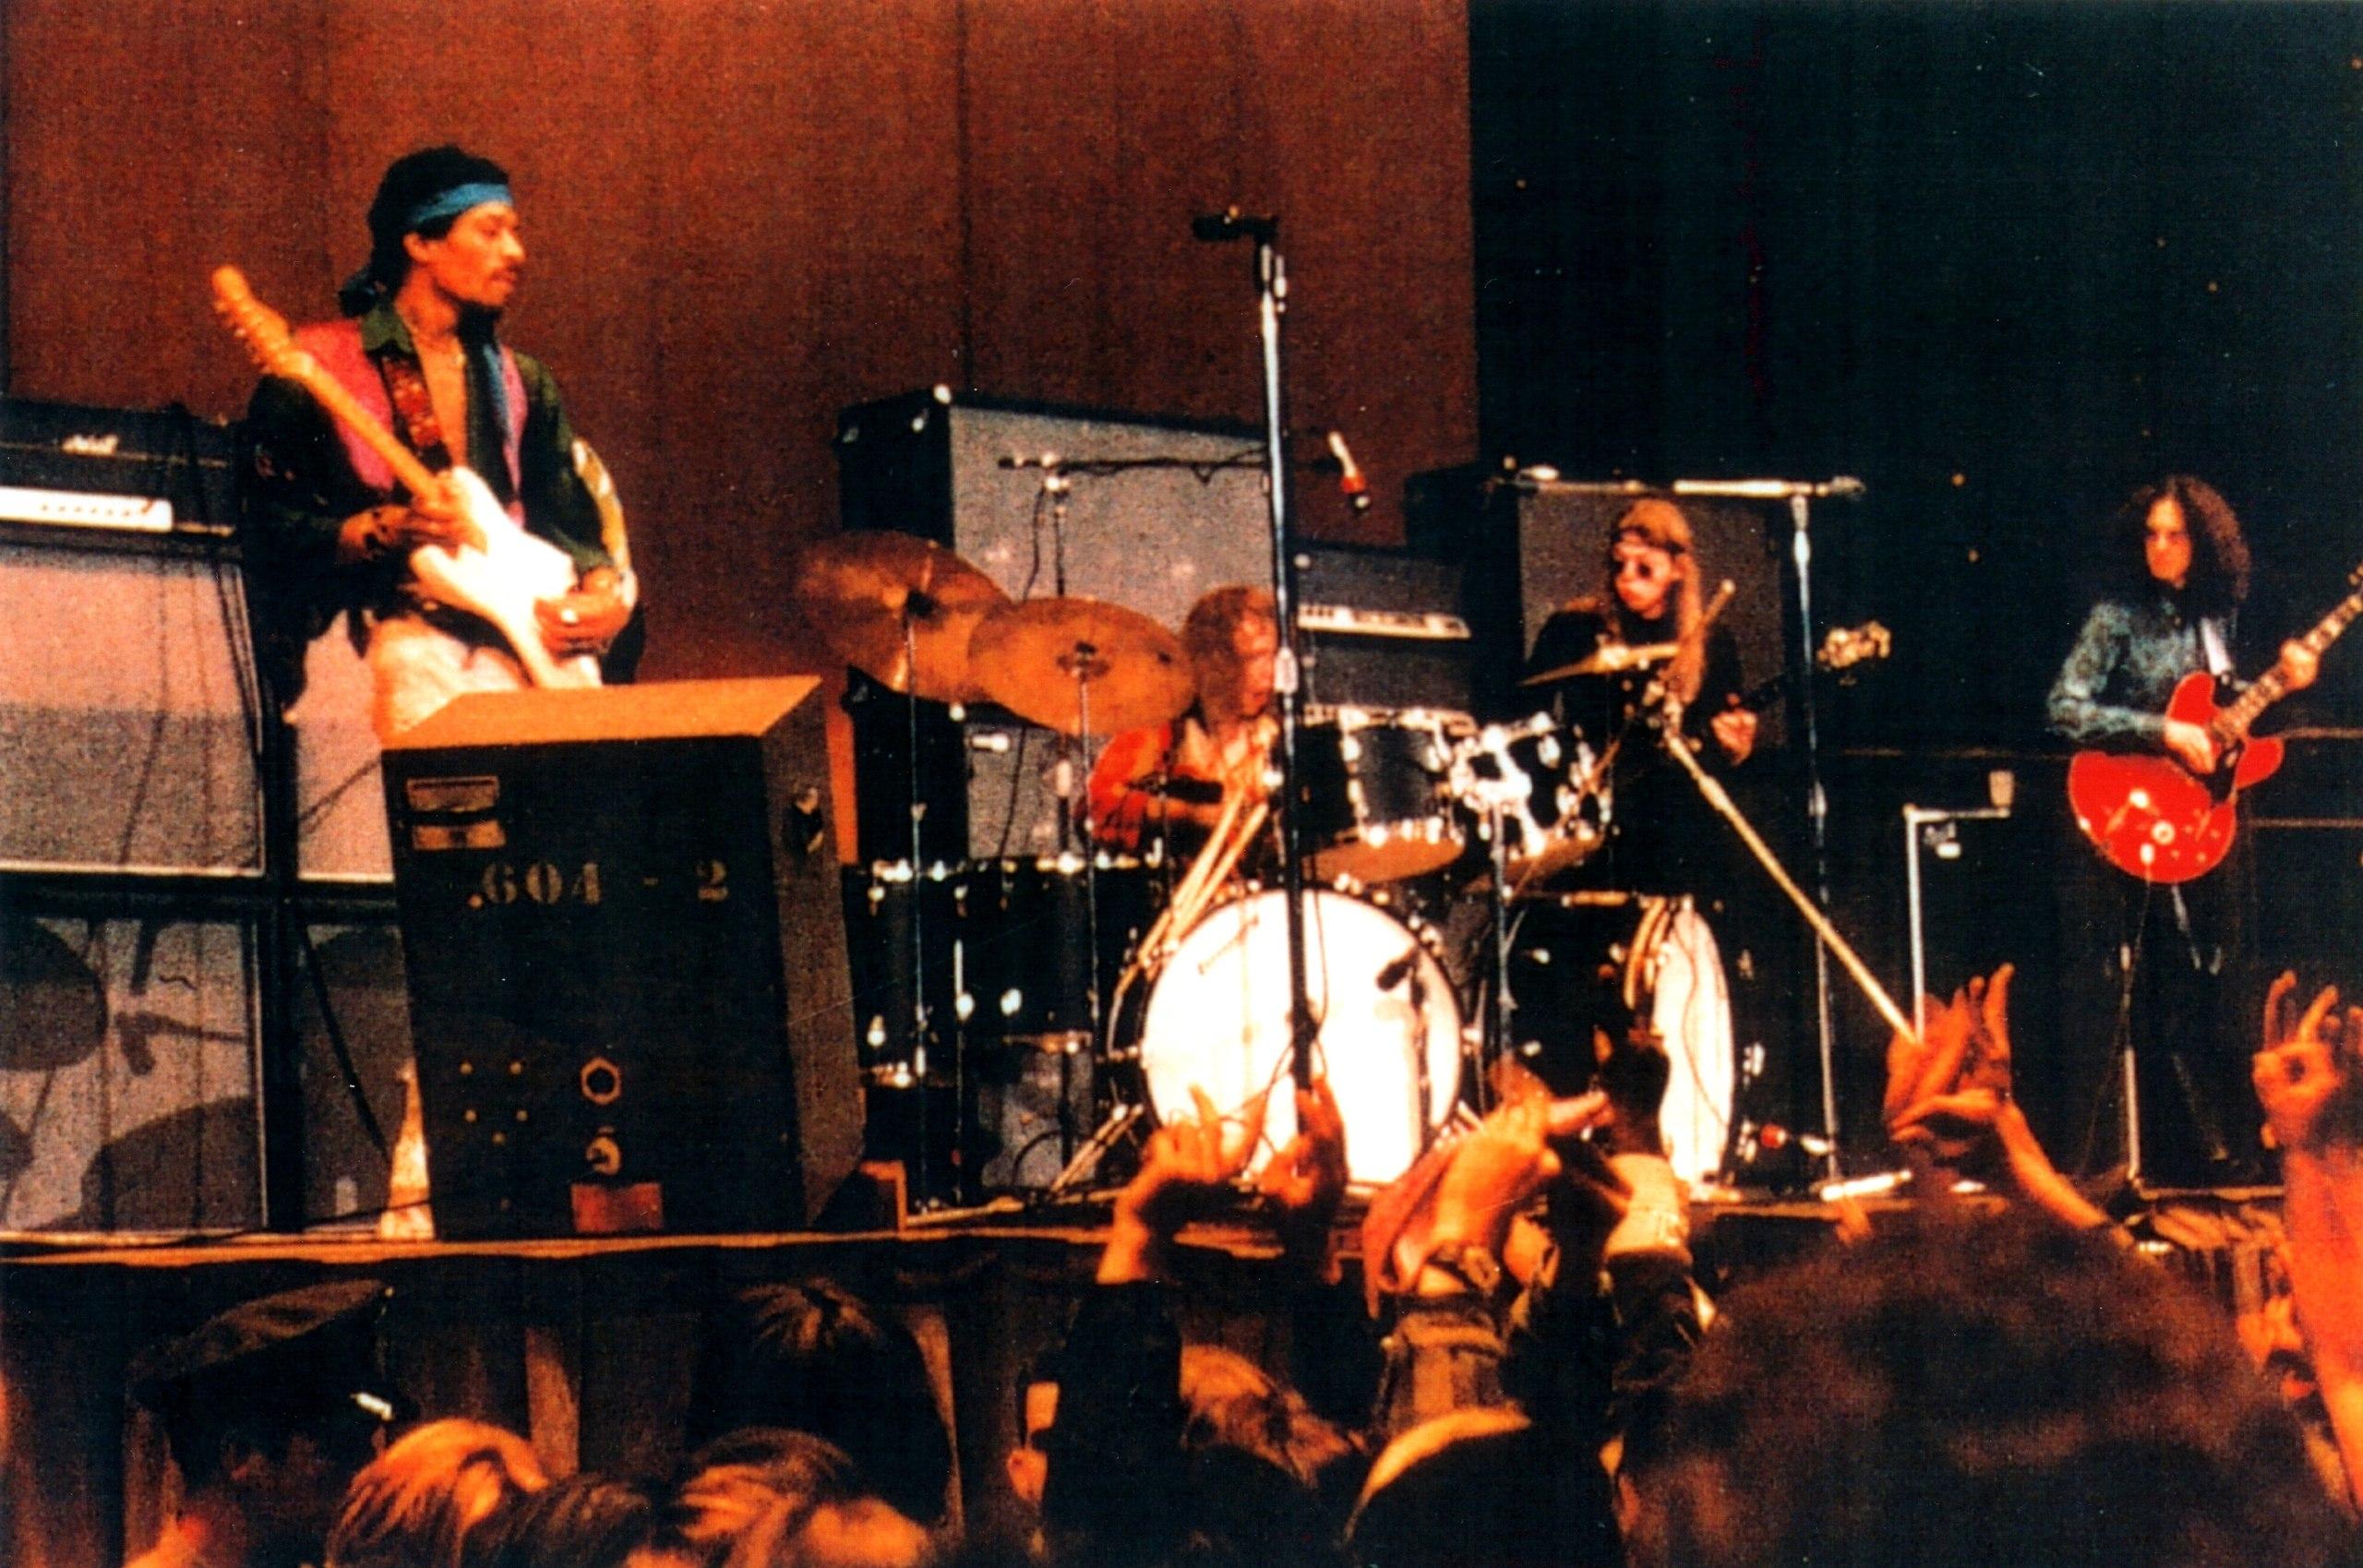 Live At The Oakland Coliseum (1998) Fd076e0933013c4d76879f3ec18869e5